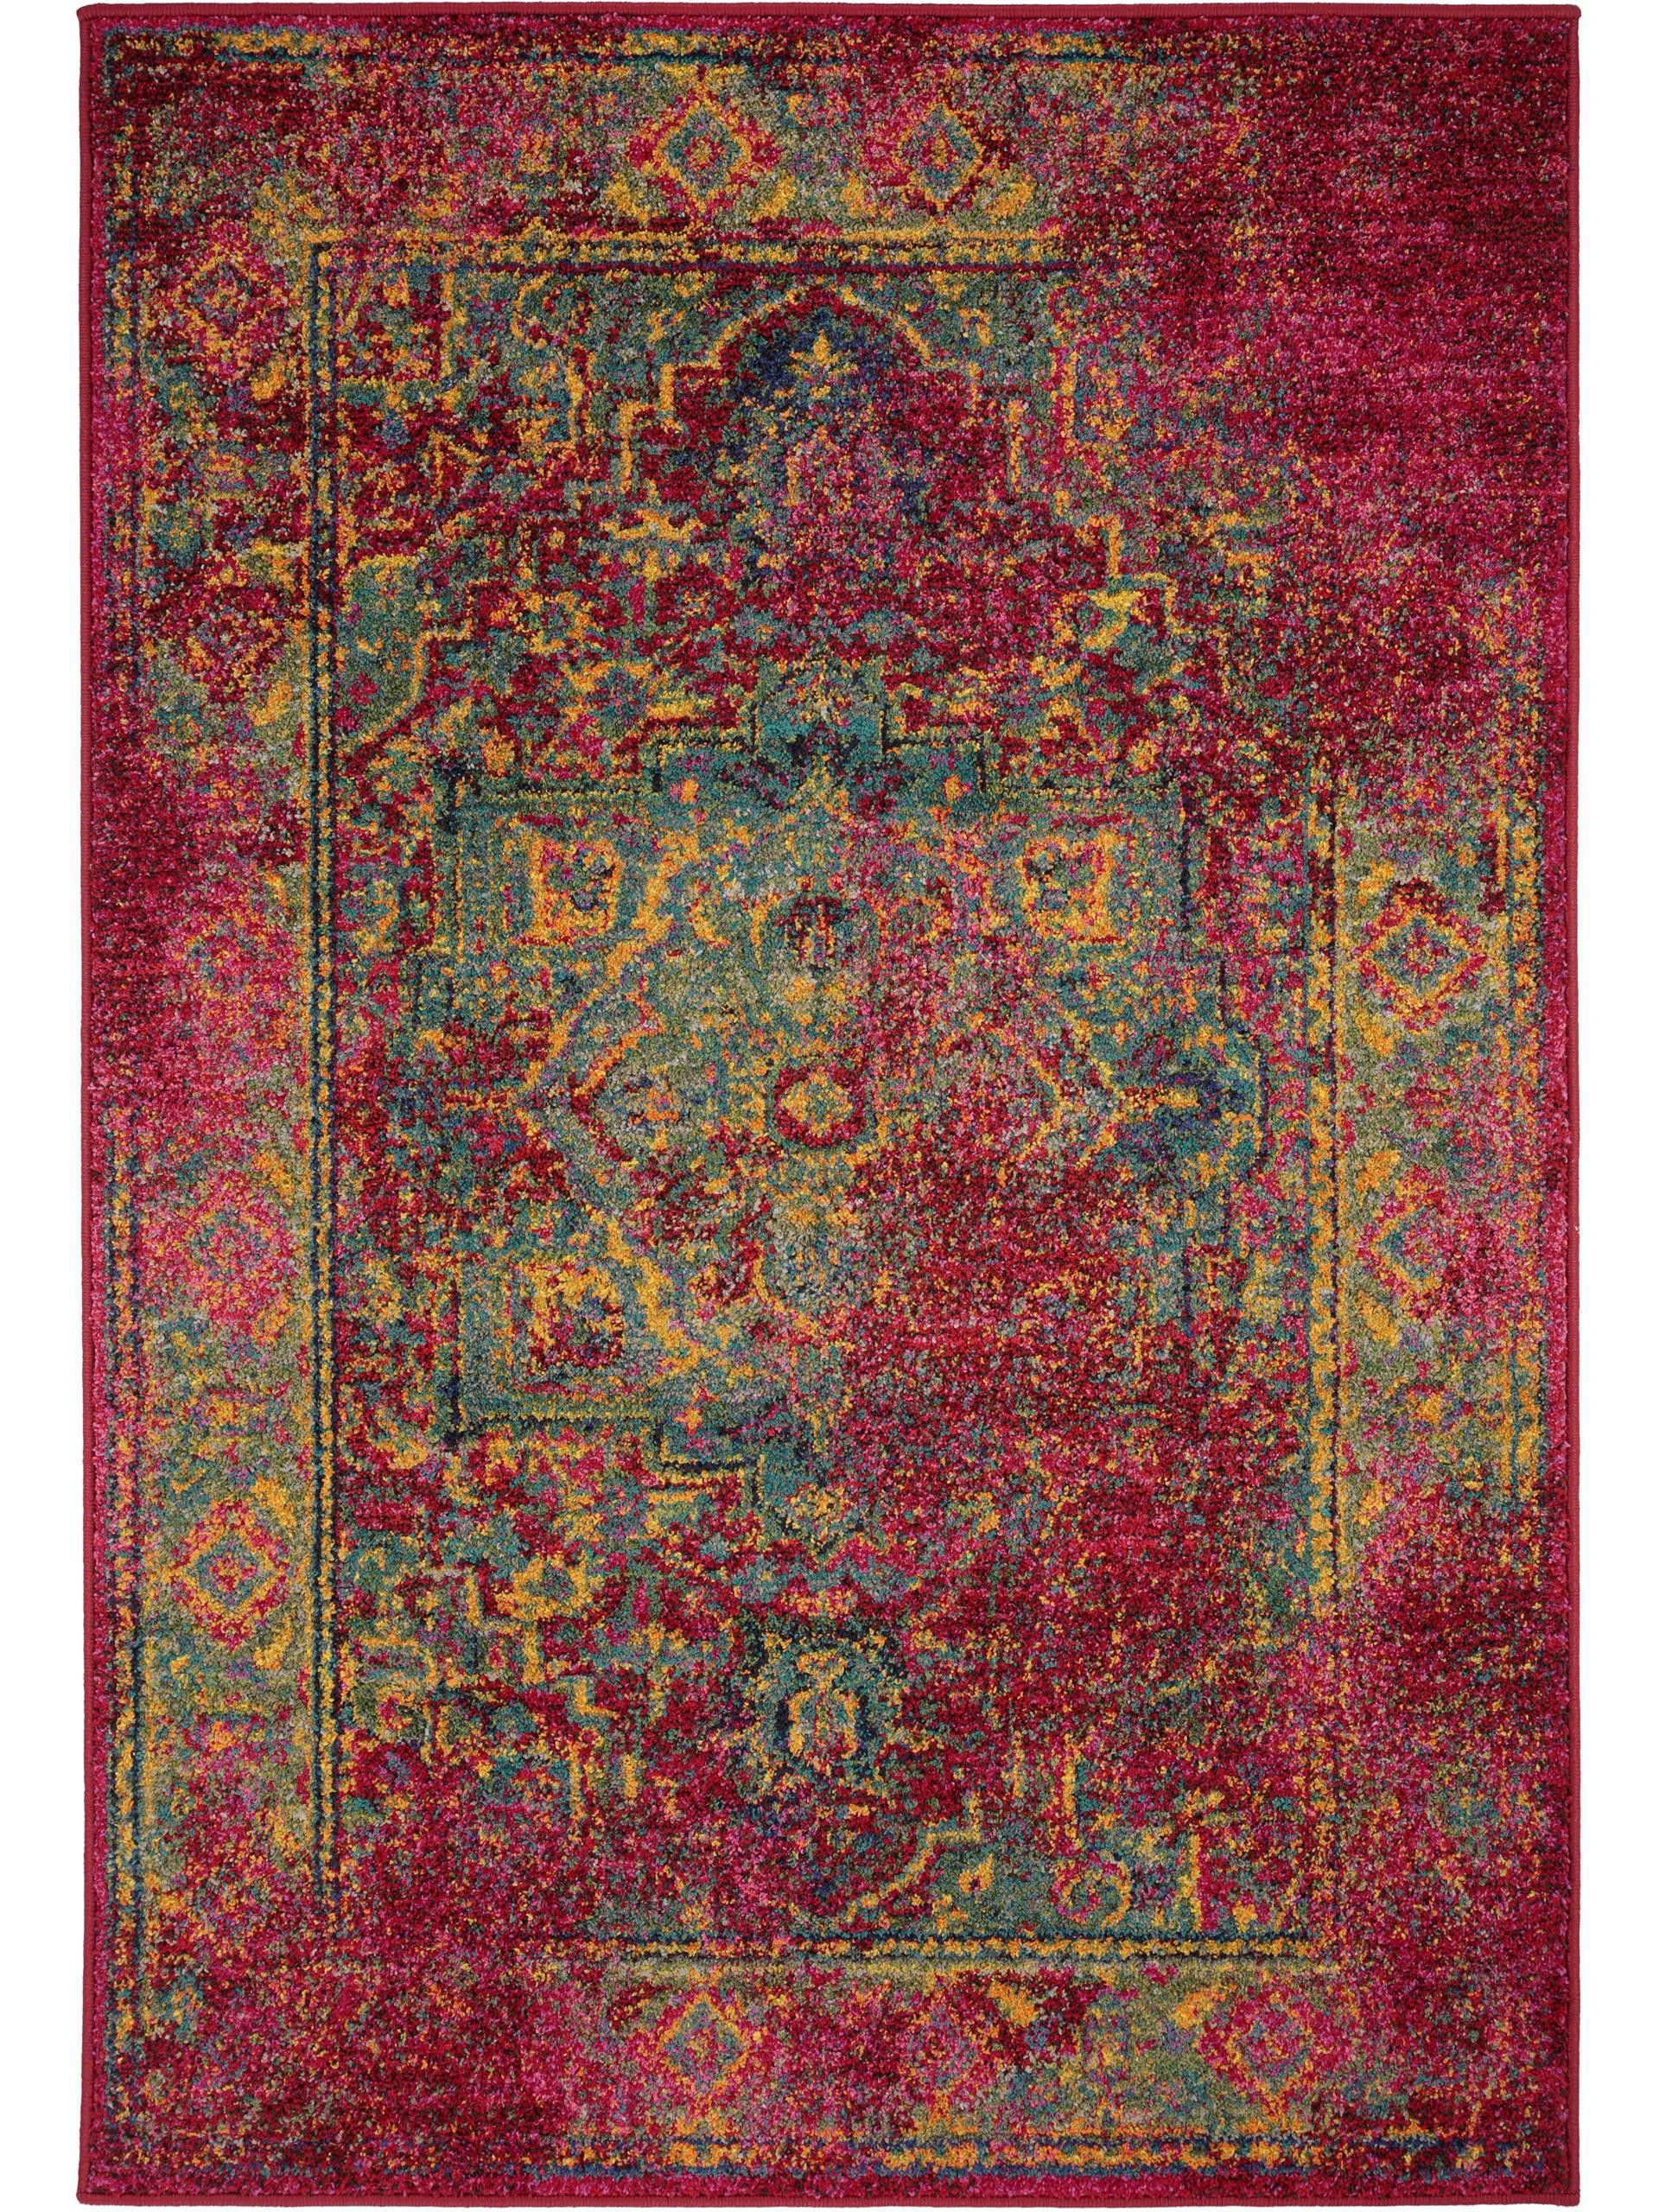 Pin Auf Karpit Szonyeg Textil